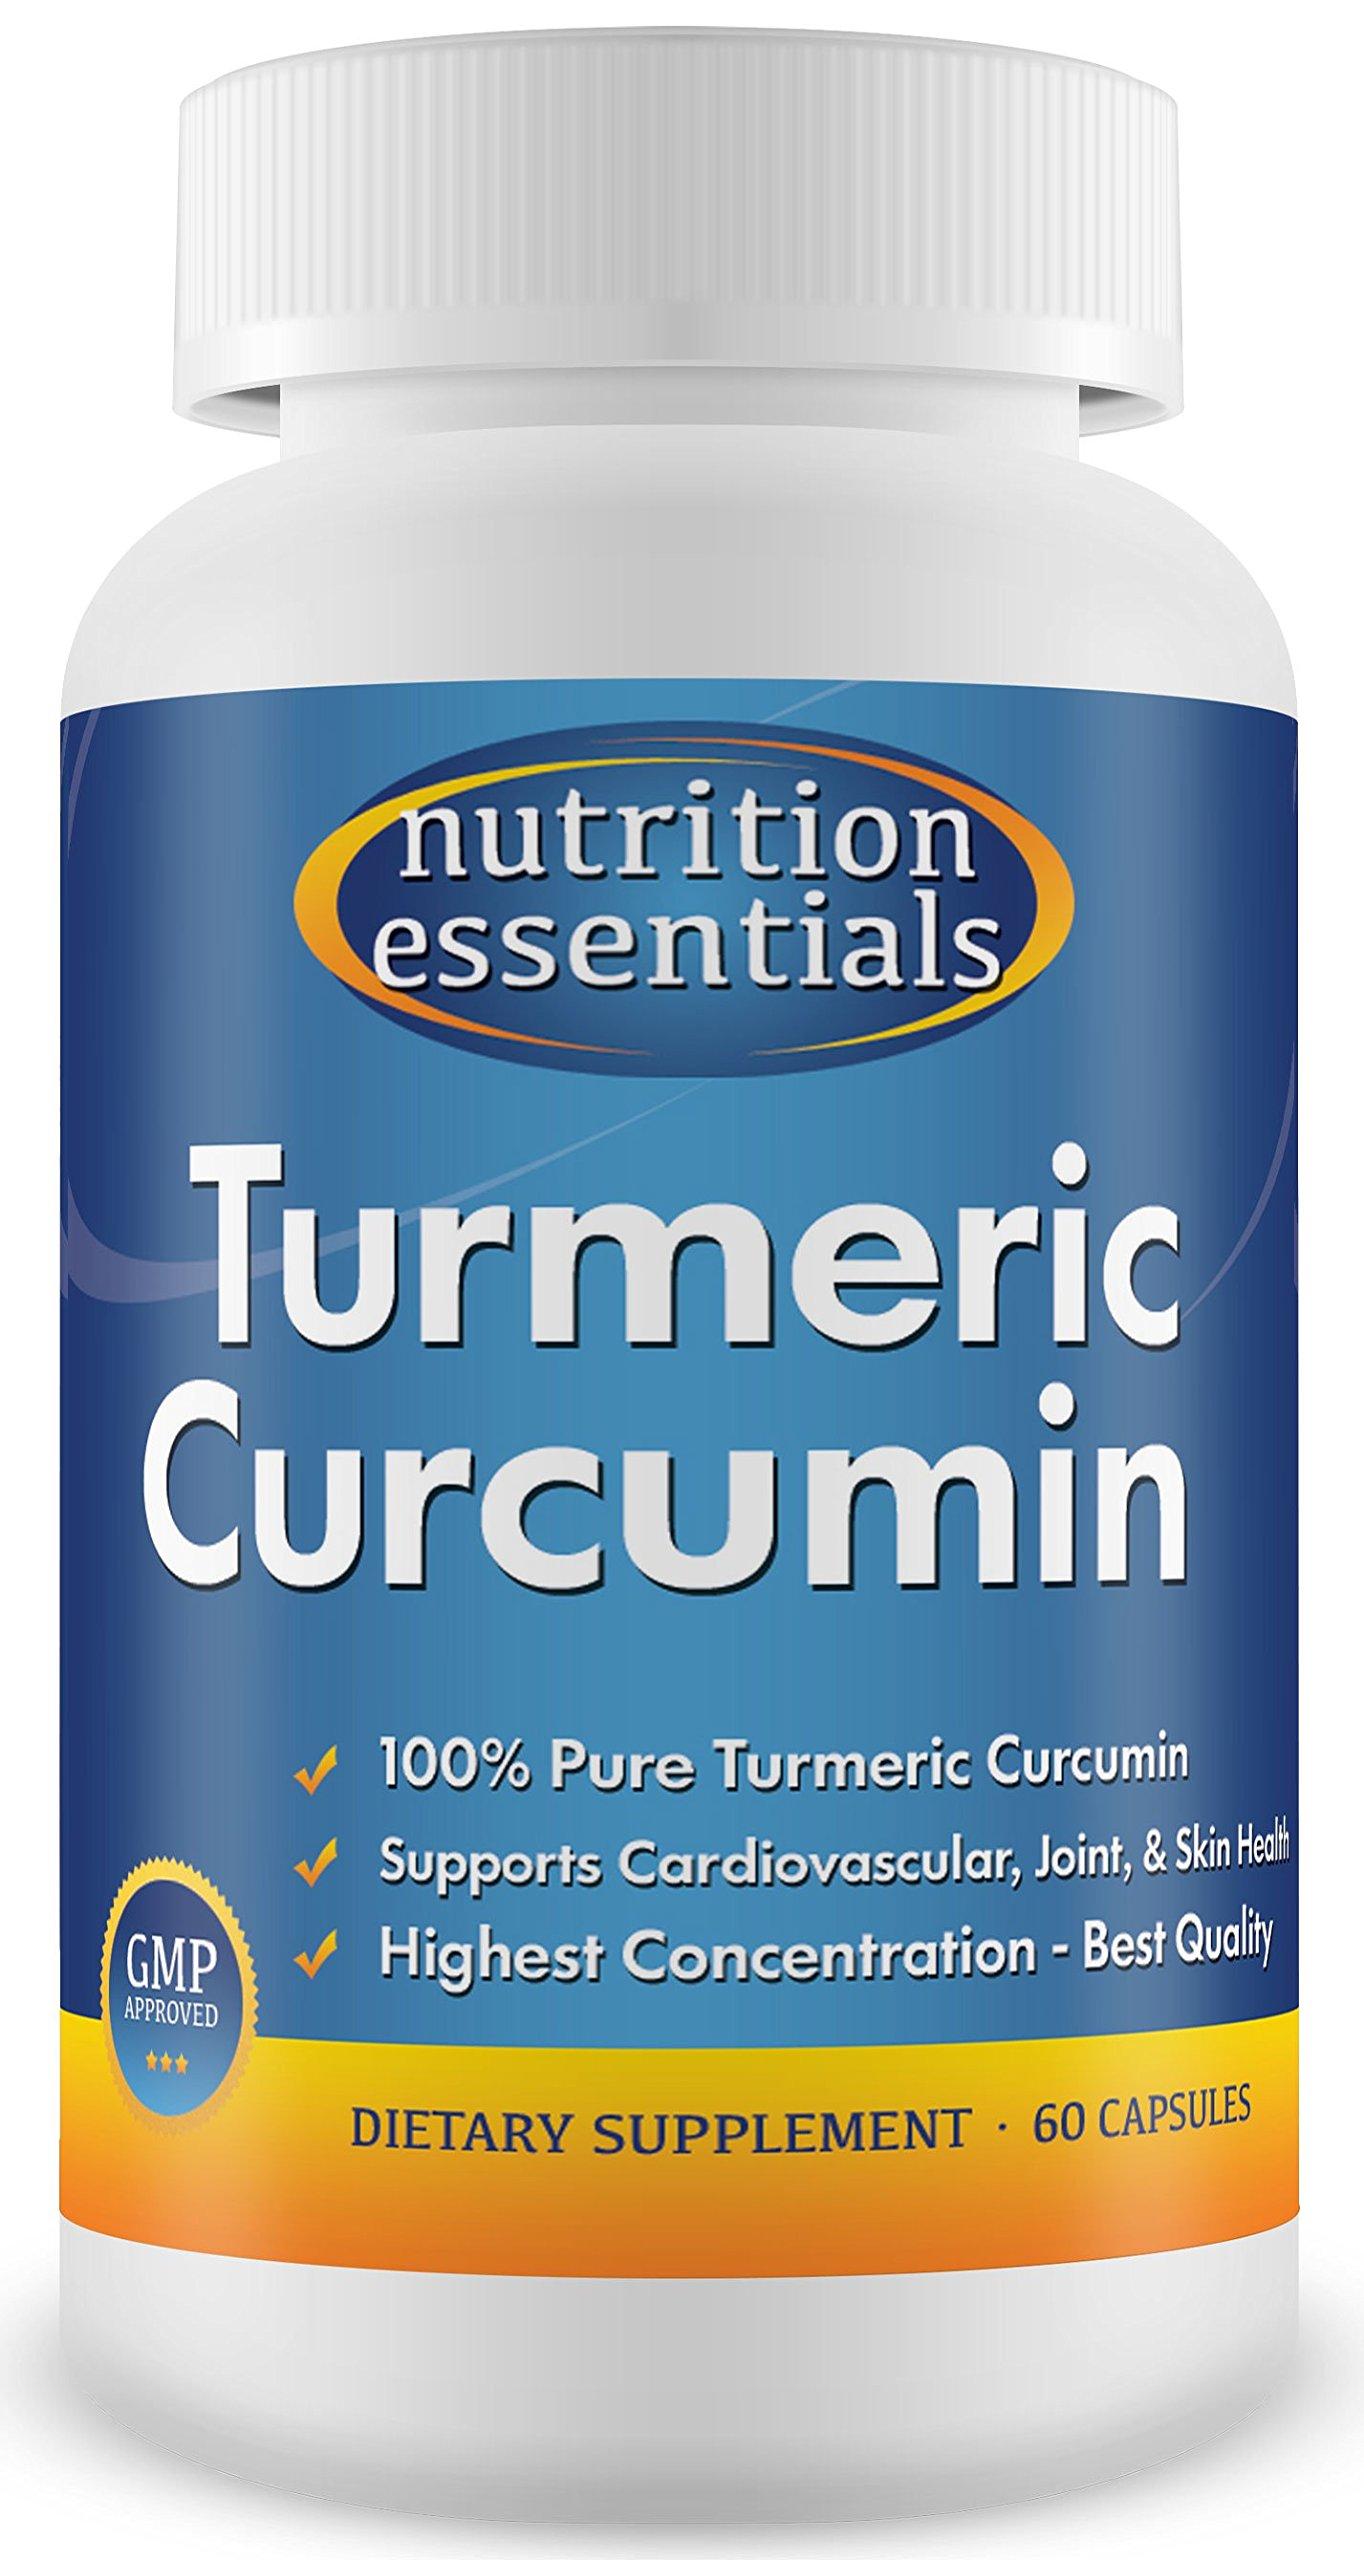 #1 Turmeric Curcumin - Most Potent Turmeric for Joint Pain - 100% Pure & Organic Turmeric Curcumin - 60 Day Supply